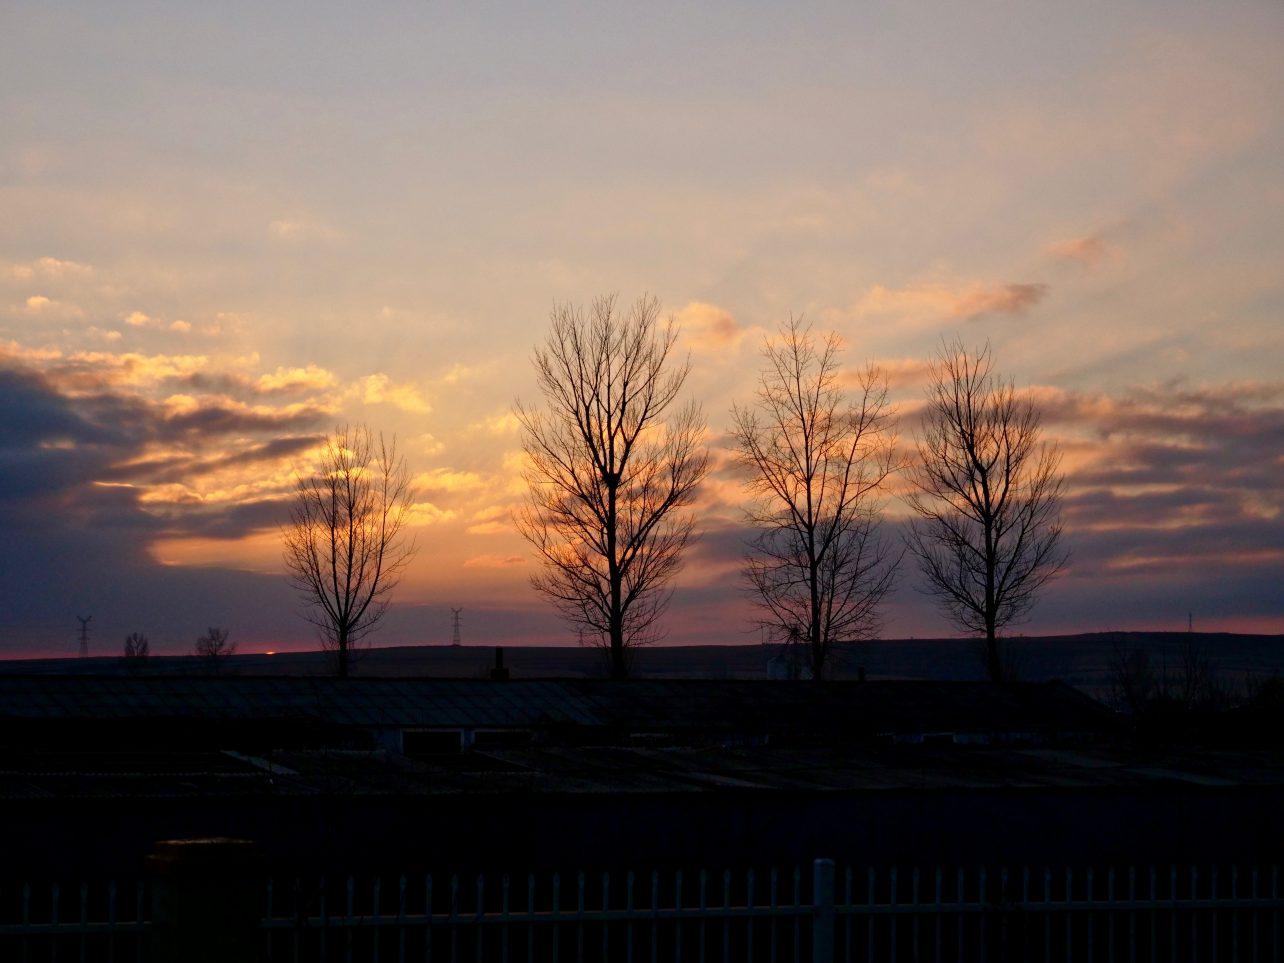 Un coucher de soleil sur la campagne du Yanbian